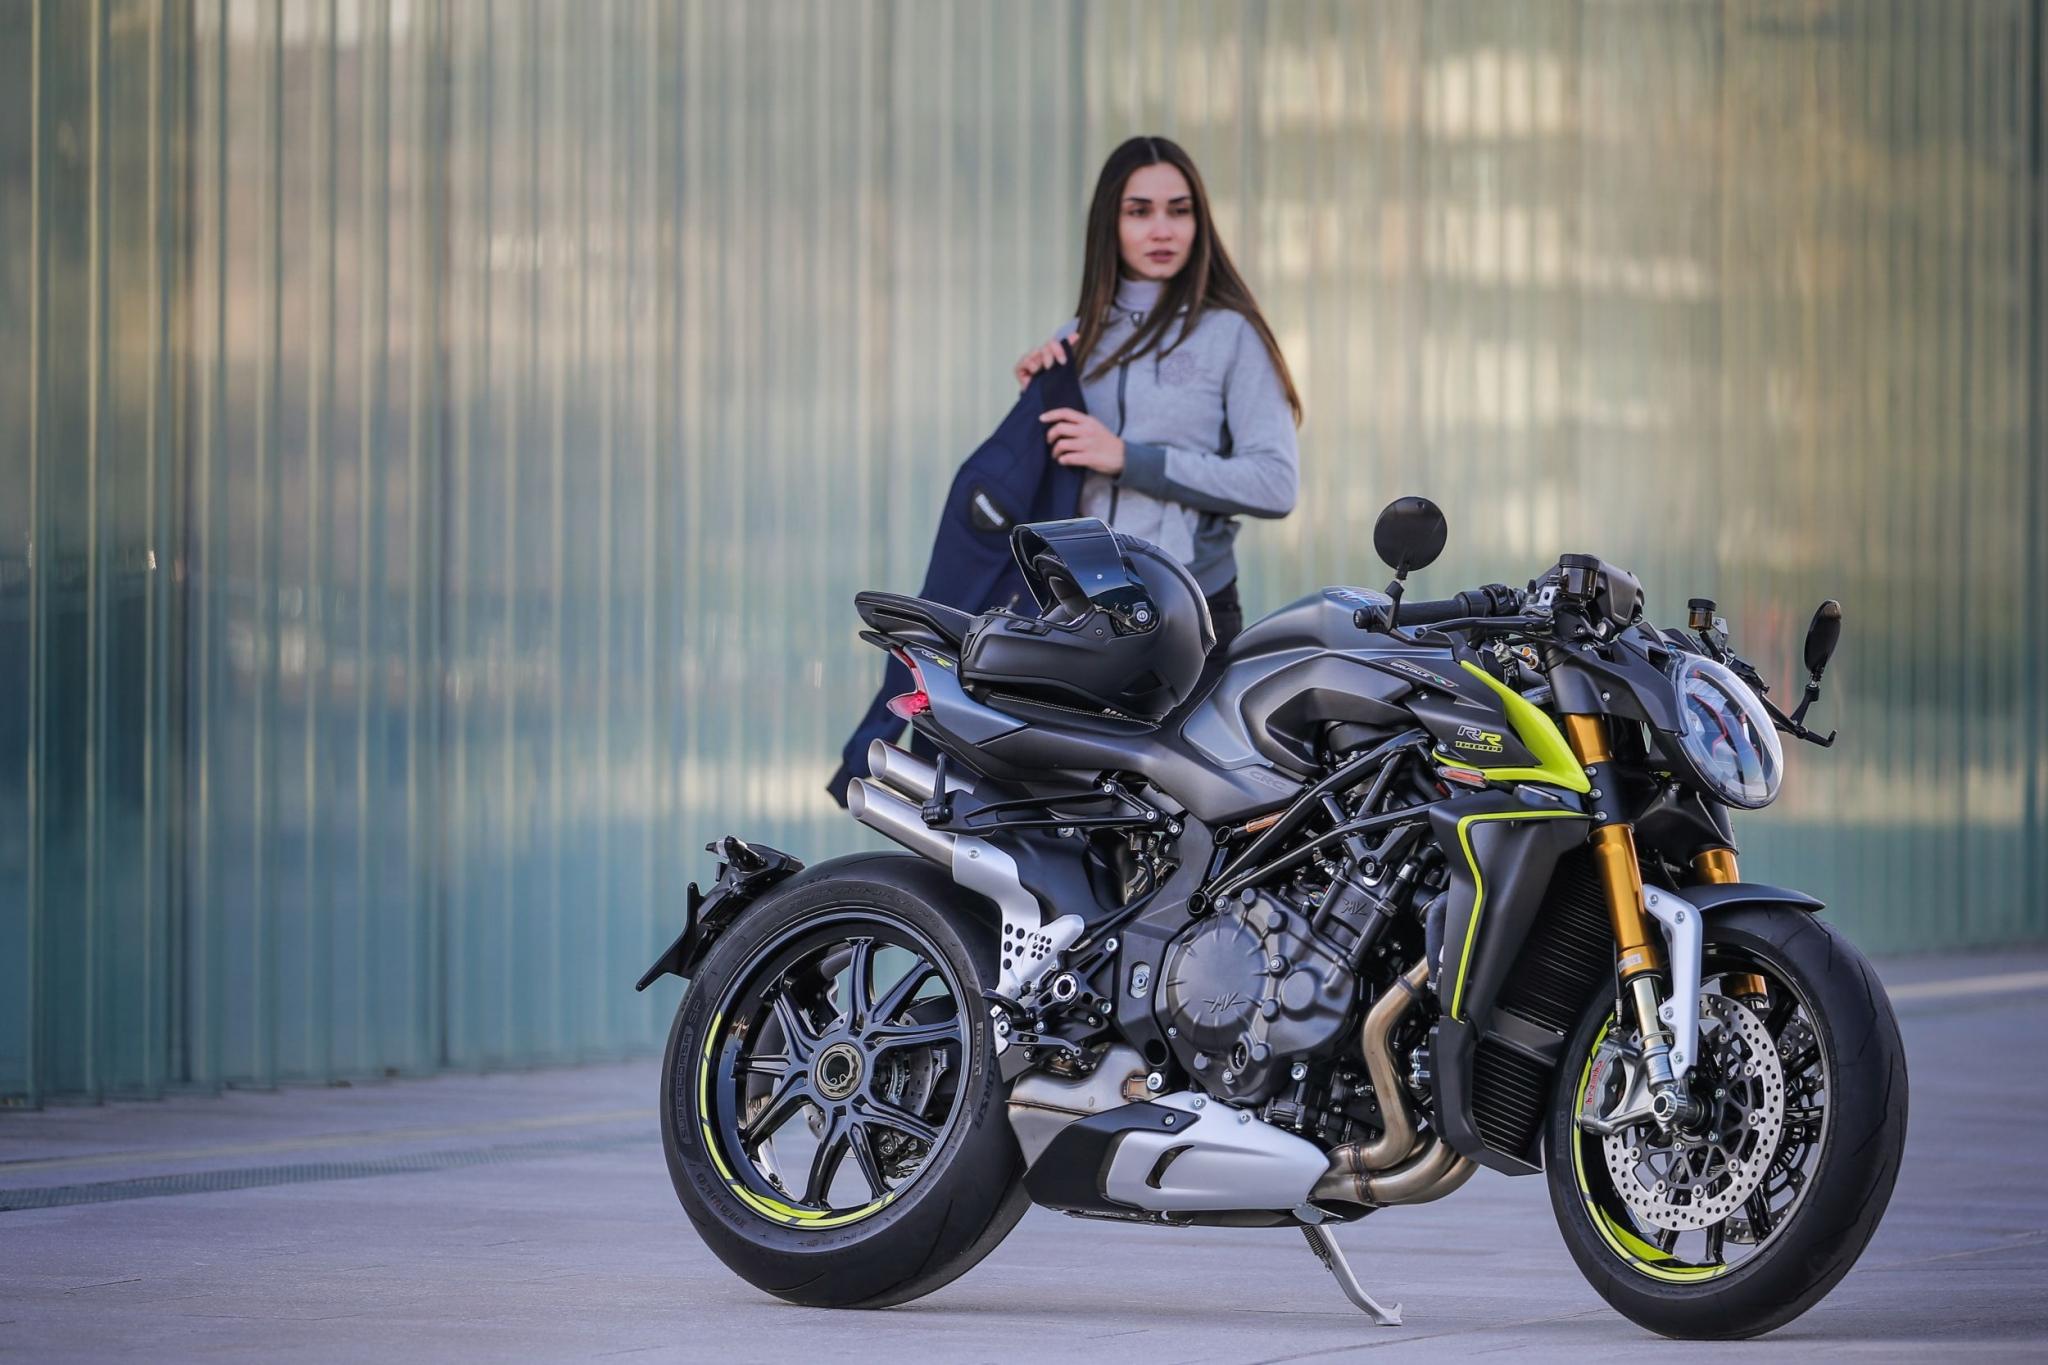 Brutale 1000 RR 2020, 208 CV di potenza nuda - Motociclismo